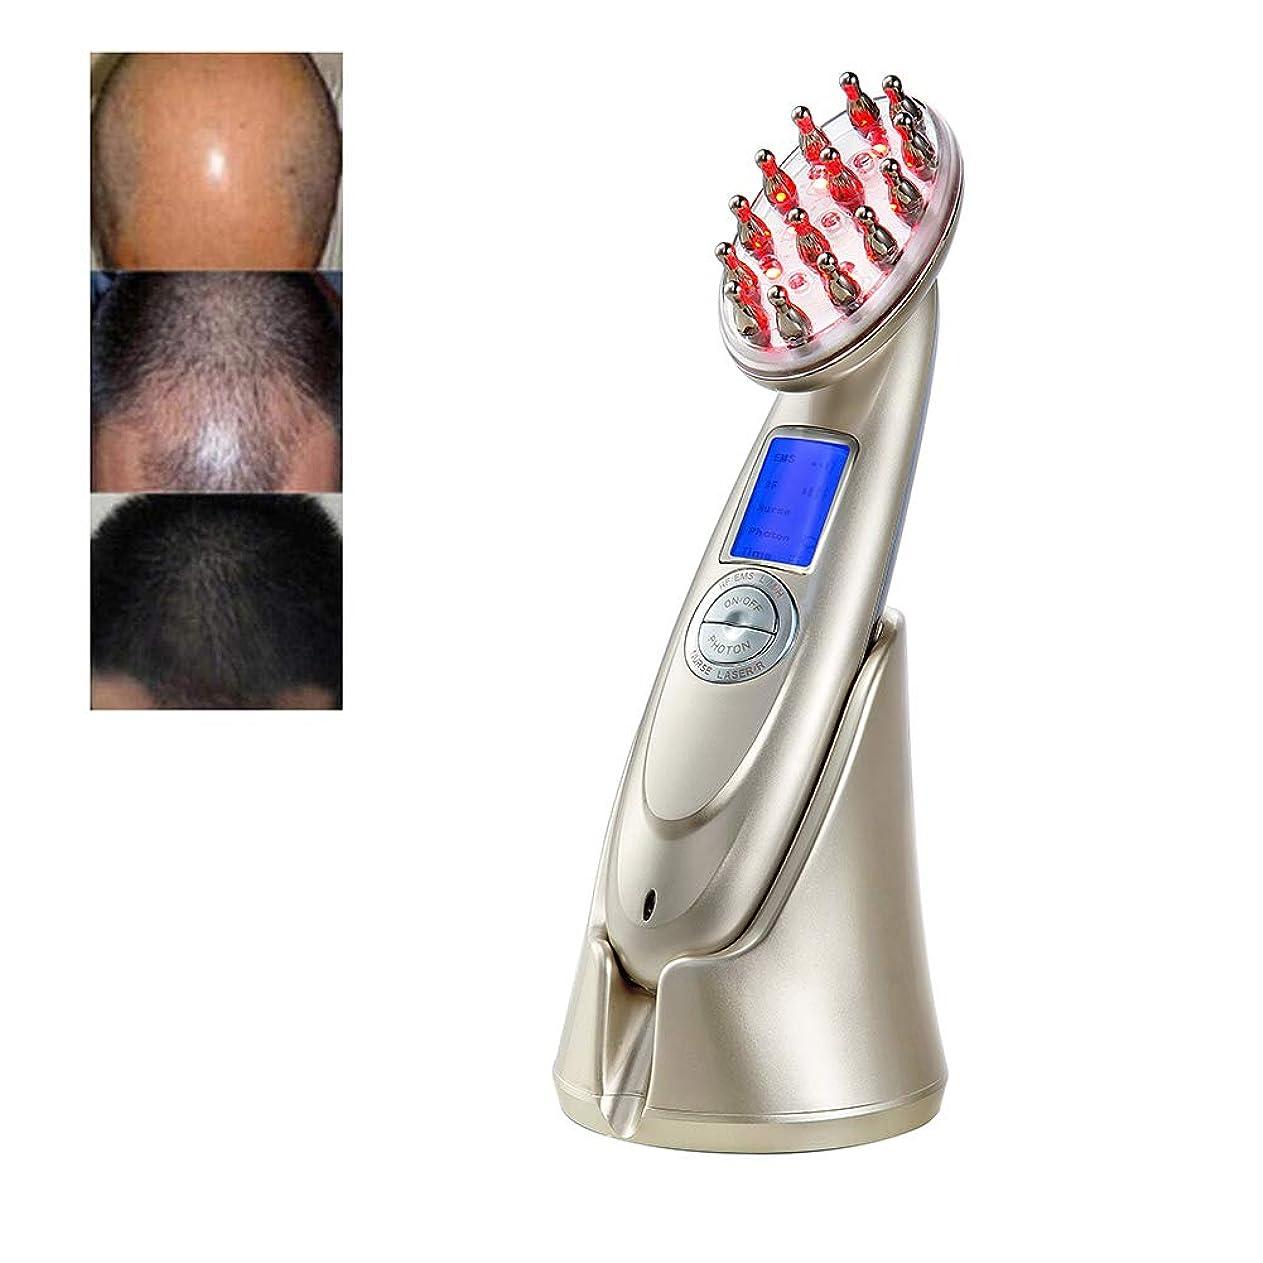 フレームワーク傷つきやすい伝説抗脱毛櫛 RF EMS ナース LED 光子レーザー刺激発毛ブラシヘッド頭皮修復ヘアマッサージ美容くし